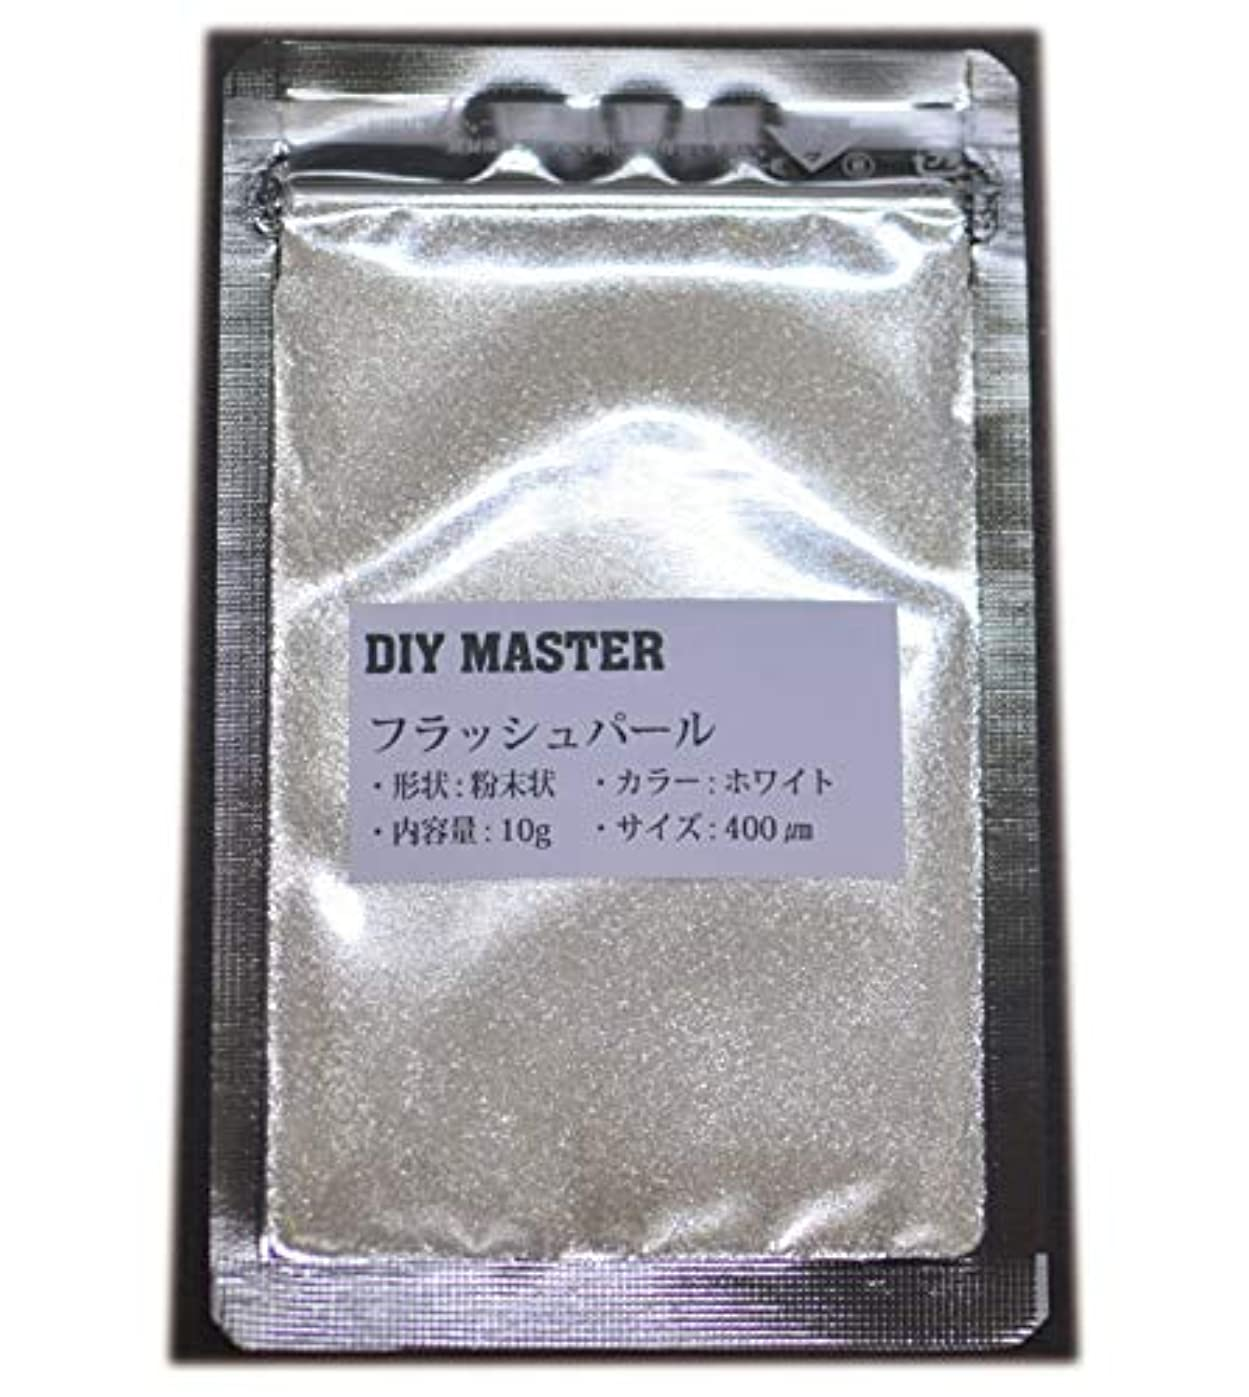 DIY MASTER フラッシュパール ホワイト 10g (極粗目、ドライ)